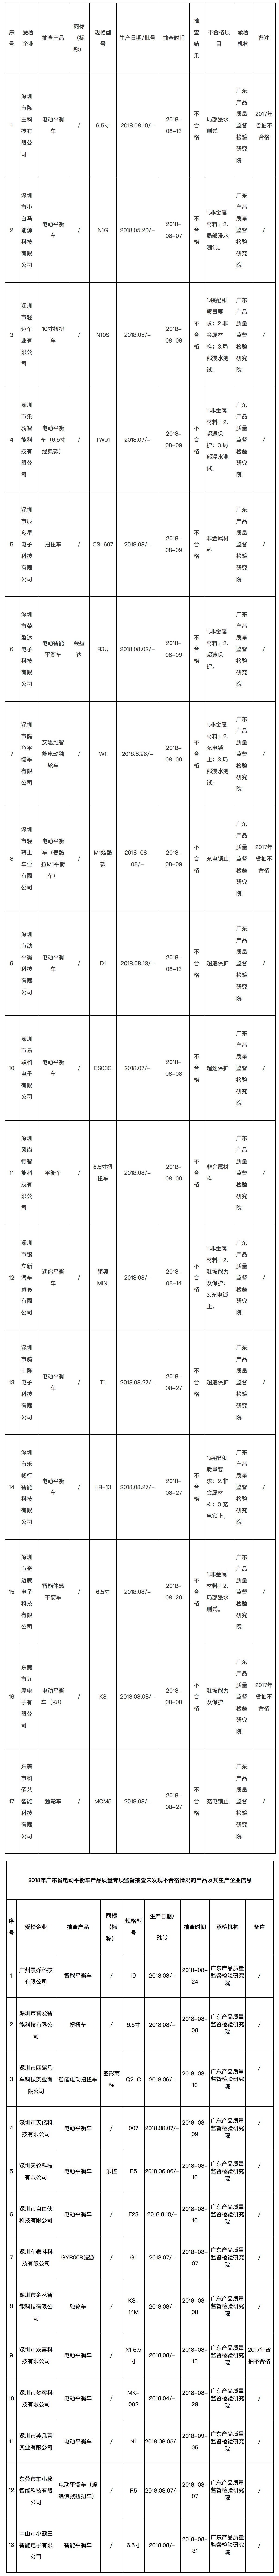 广东省市场监督管理局:17批次电动平衡车产品不合格-唯轮网